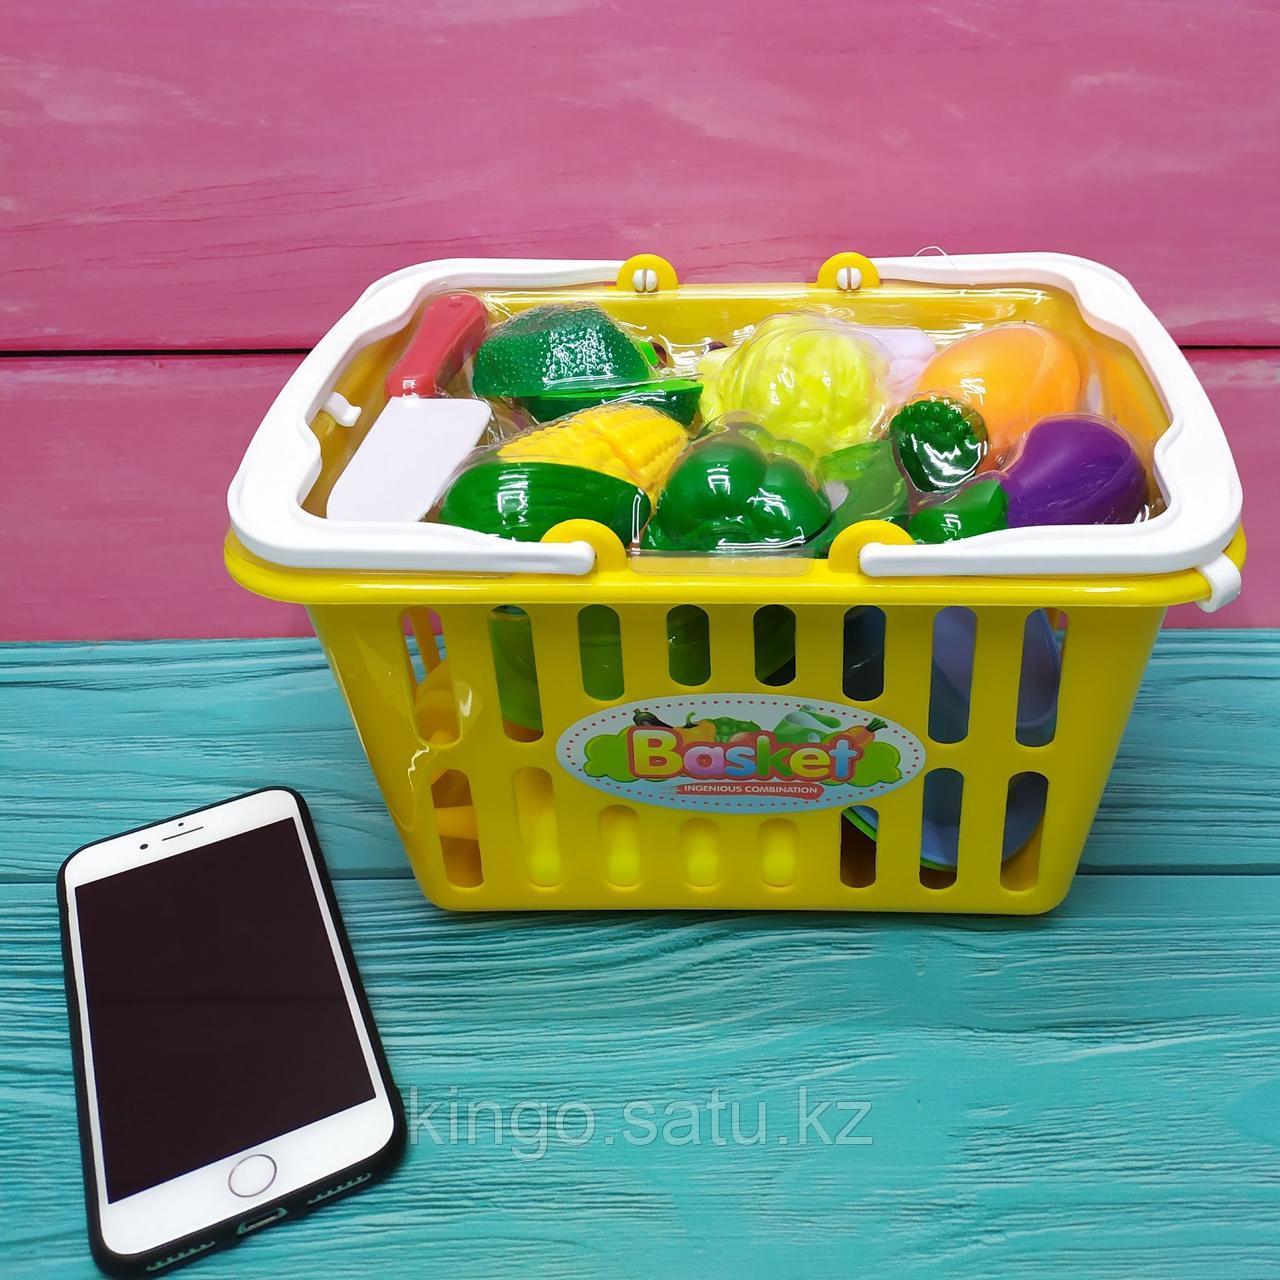 Детская корзинка с овощами и Набором детской посуды